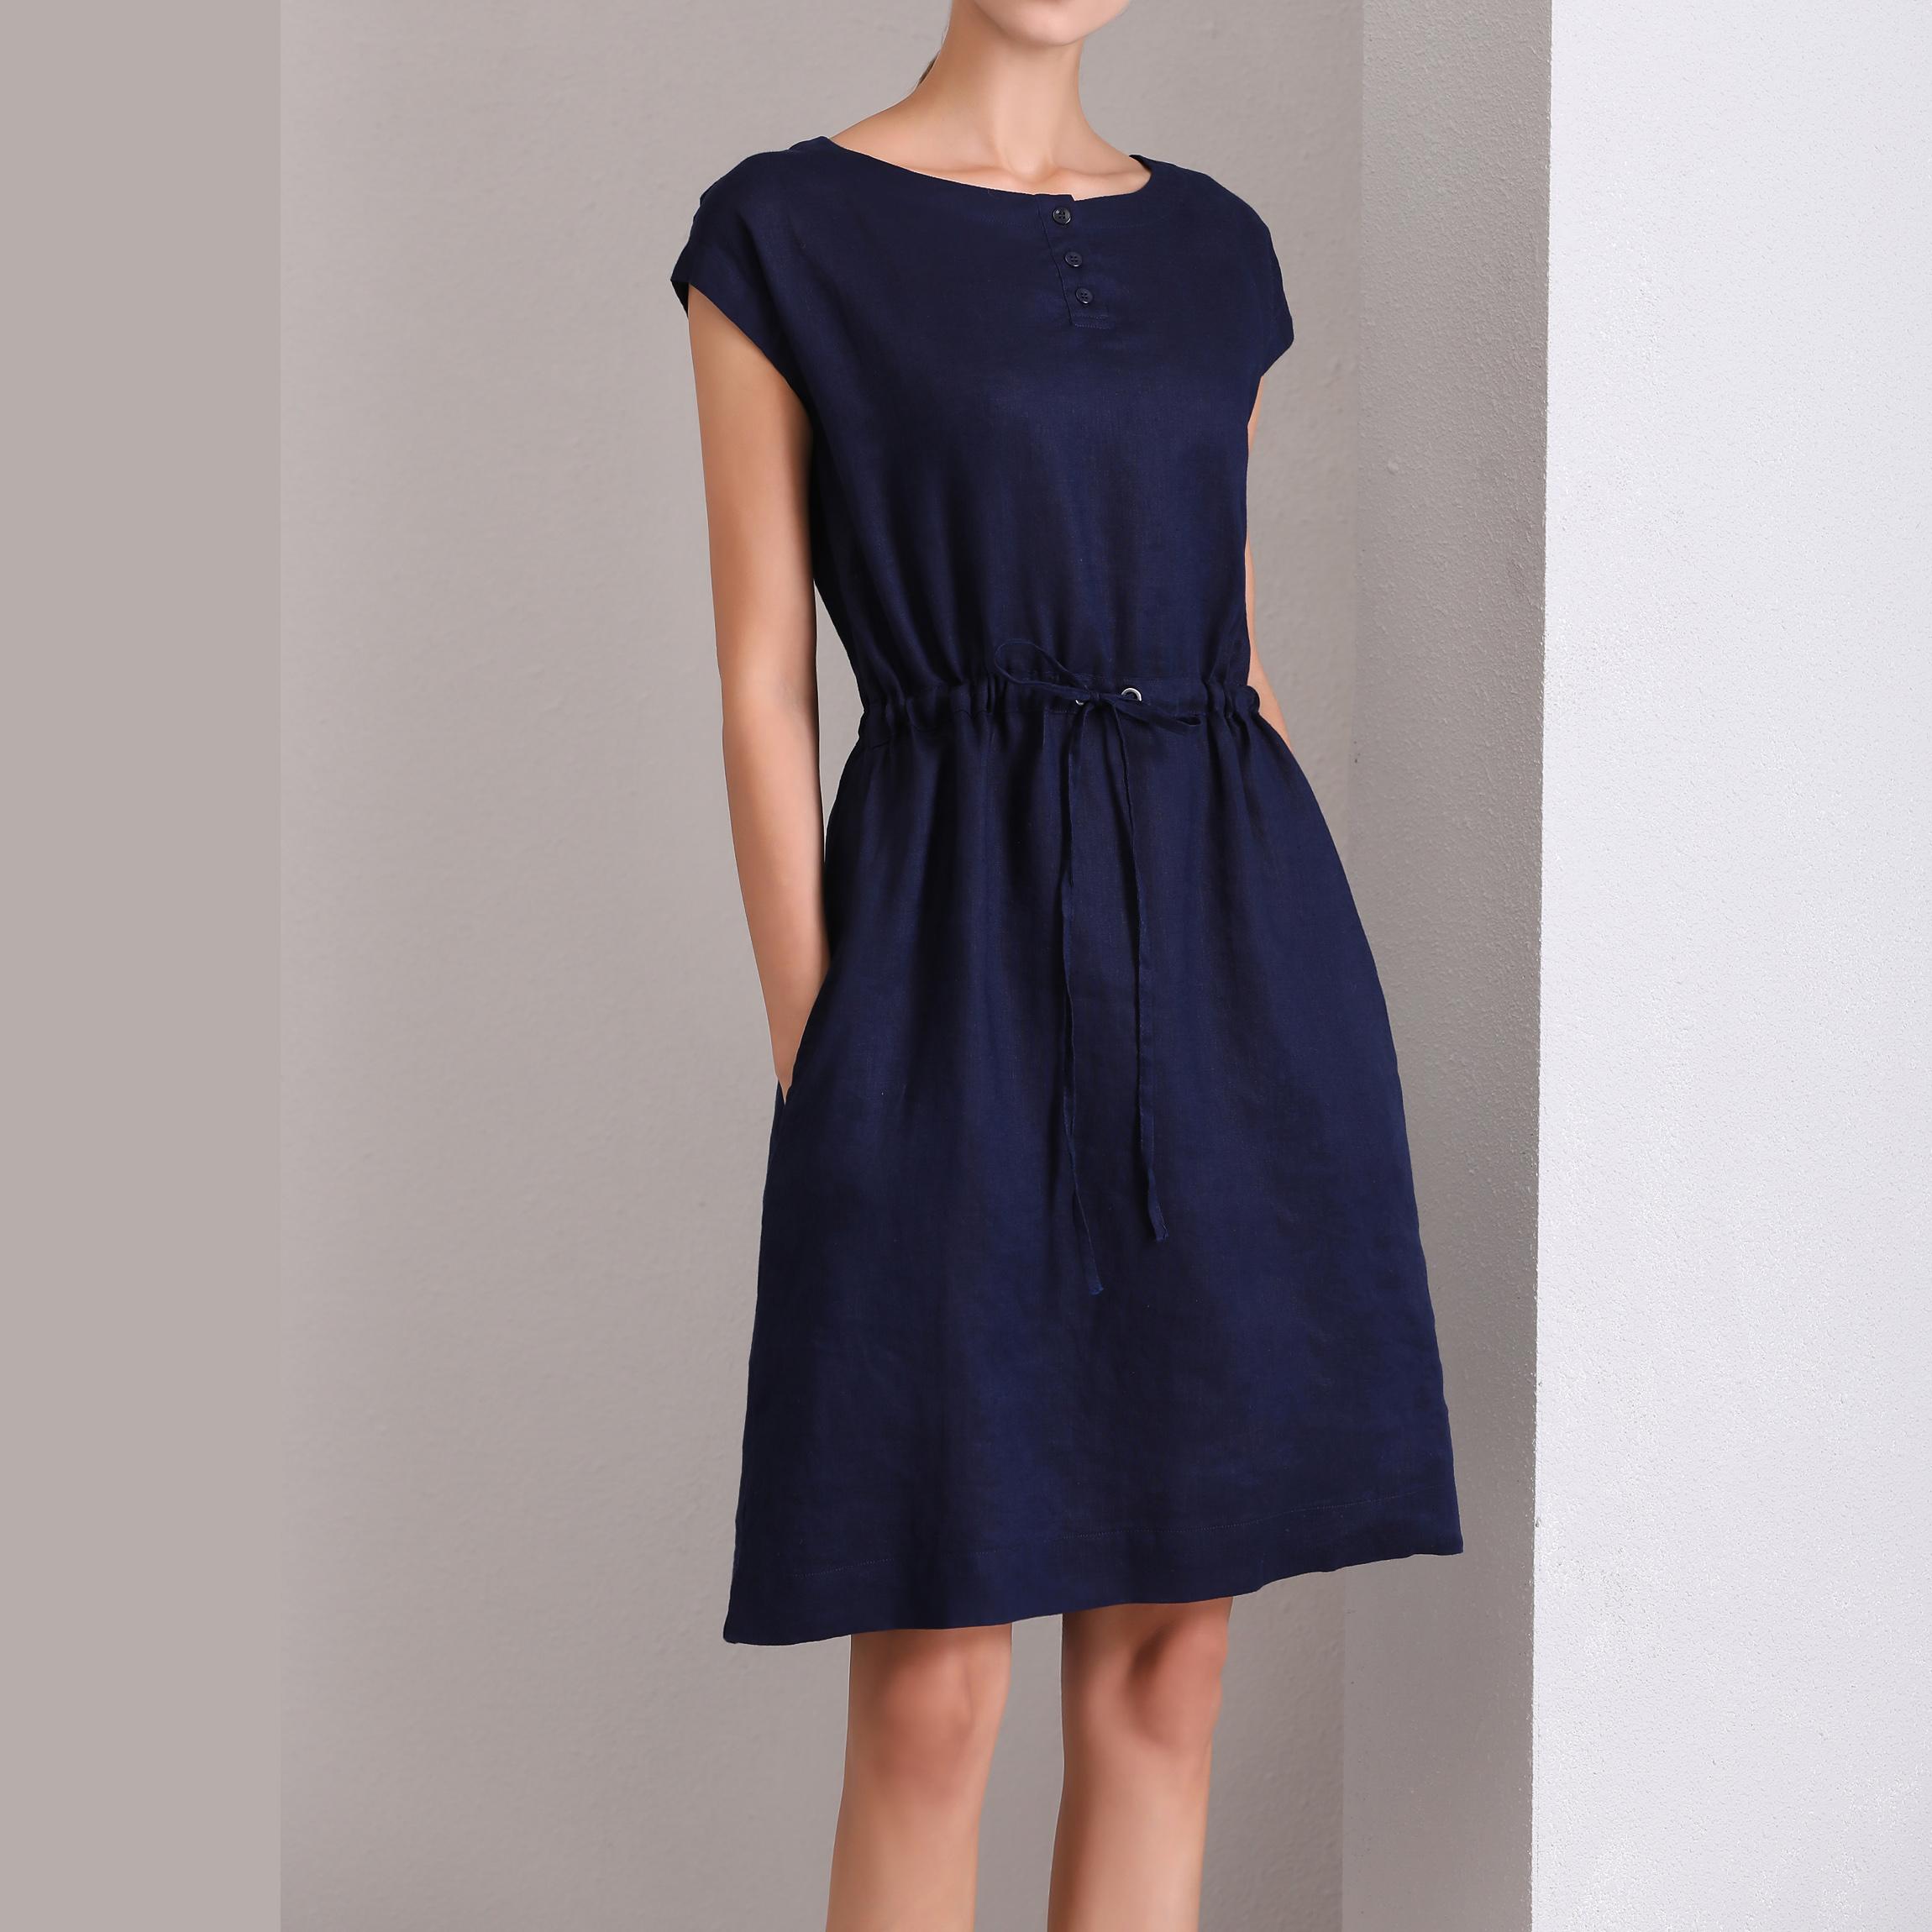 连衣裙 艾琳家100%纯亚麻连衣裙一分袖A字型宽松简约百搭_推荐淘宝好看的连衣裙